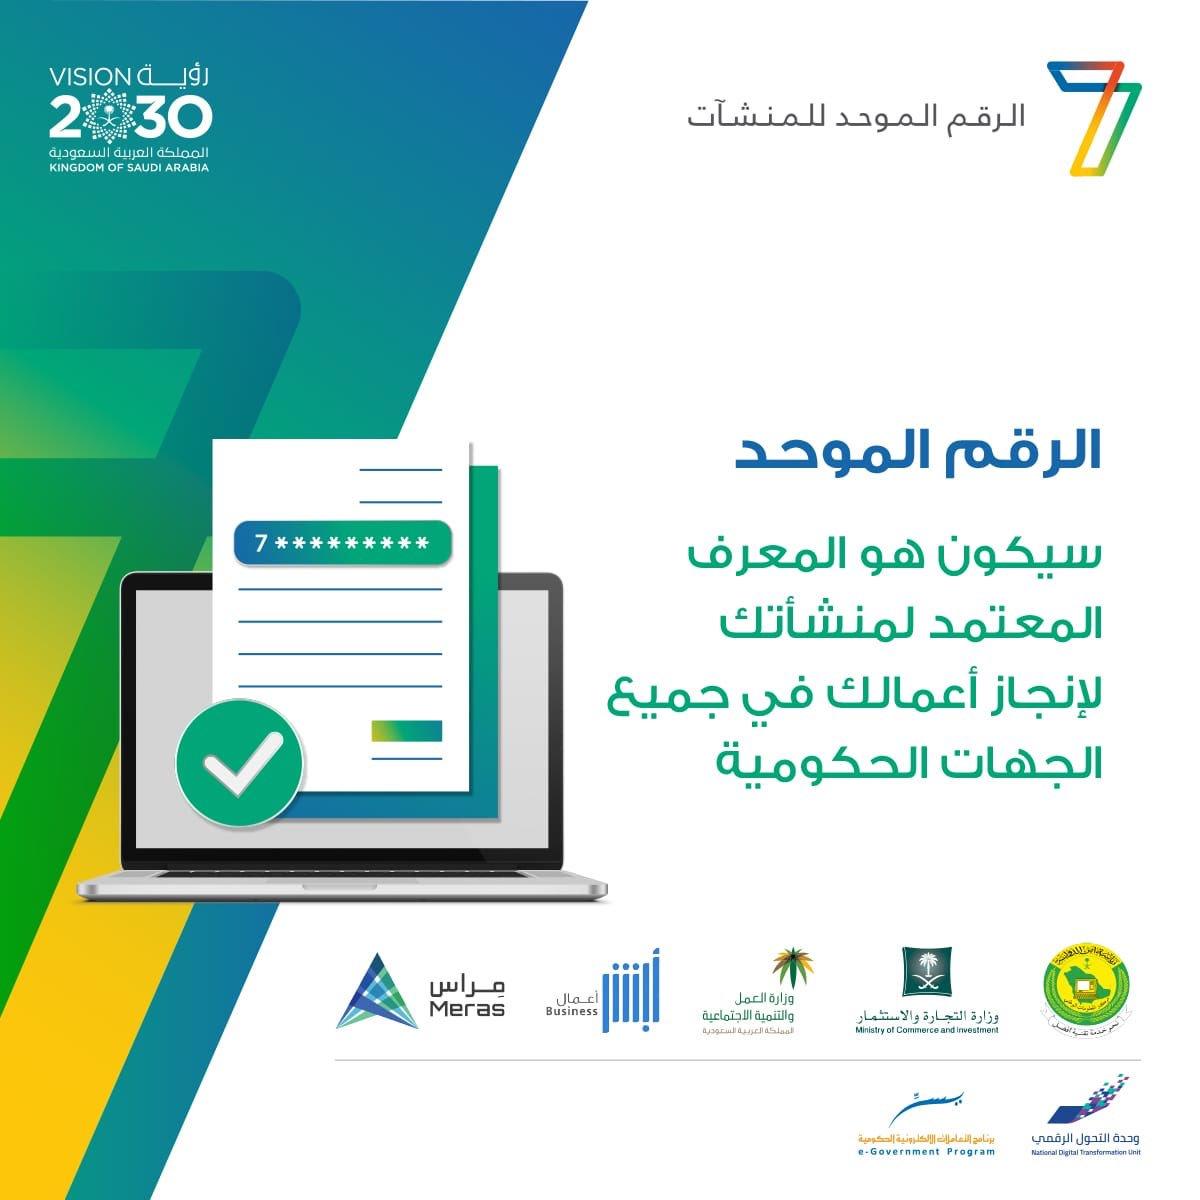 وزارة التجارة On Twitter ماهي خدمة الرقم الموحد للمنشآت تعر ف أكثر على الخدمة من خلال الفيديو